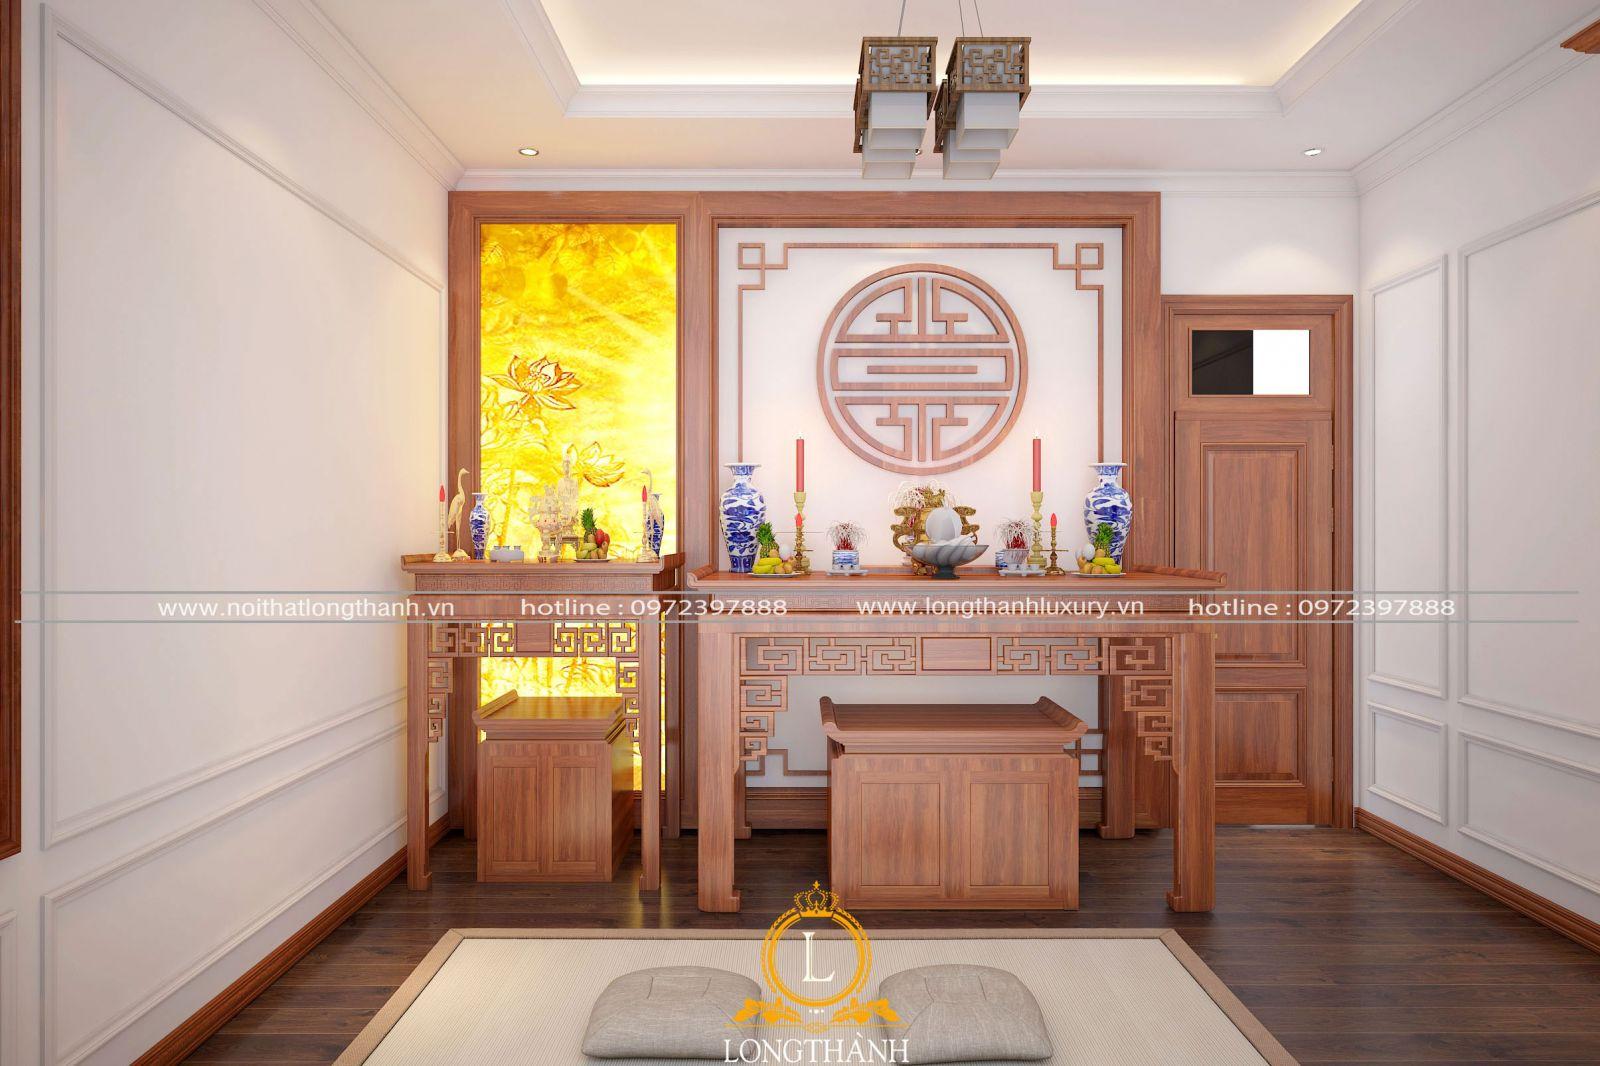 Thiết kế nội thất phòng thờ hiện đại cho nhà biệt thự liền kề